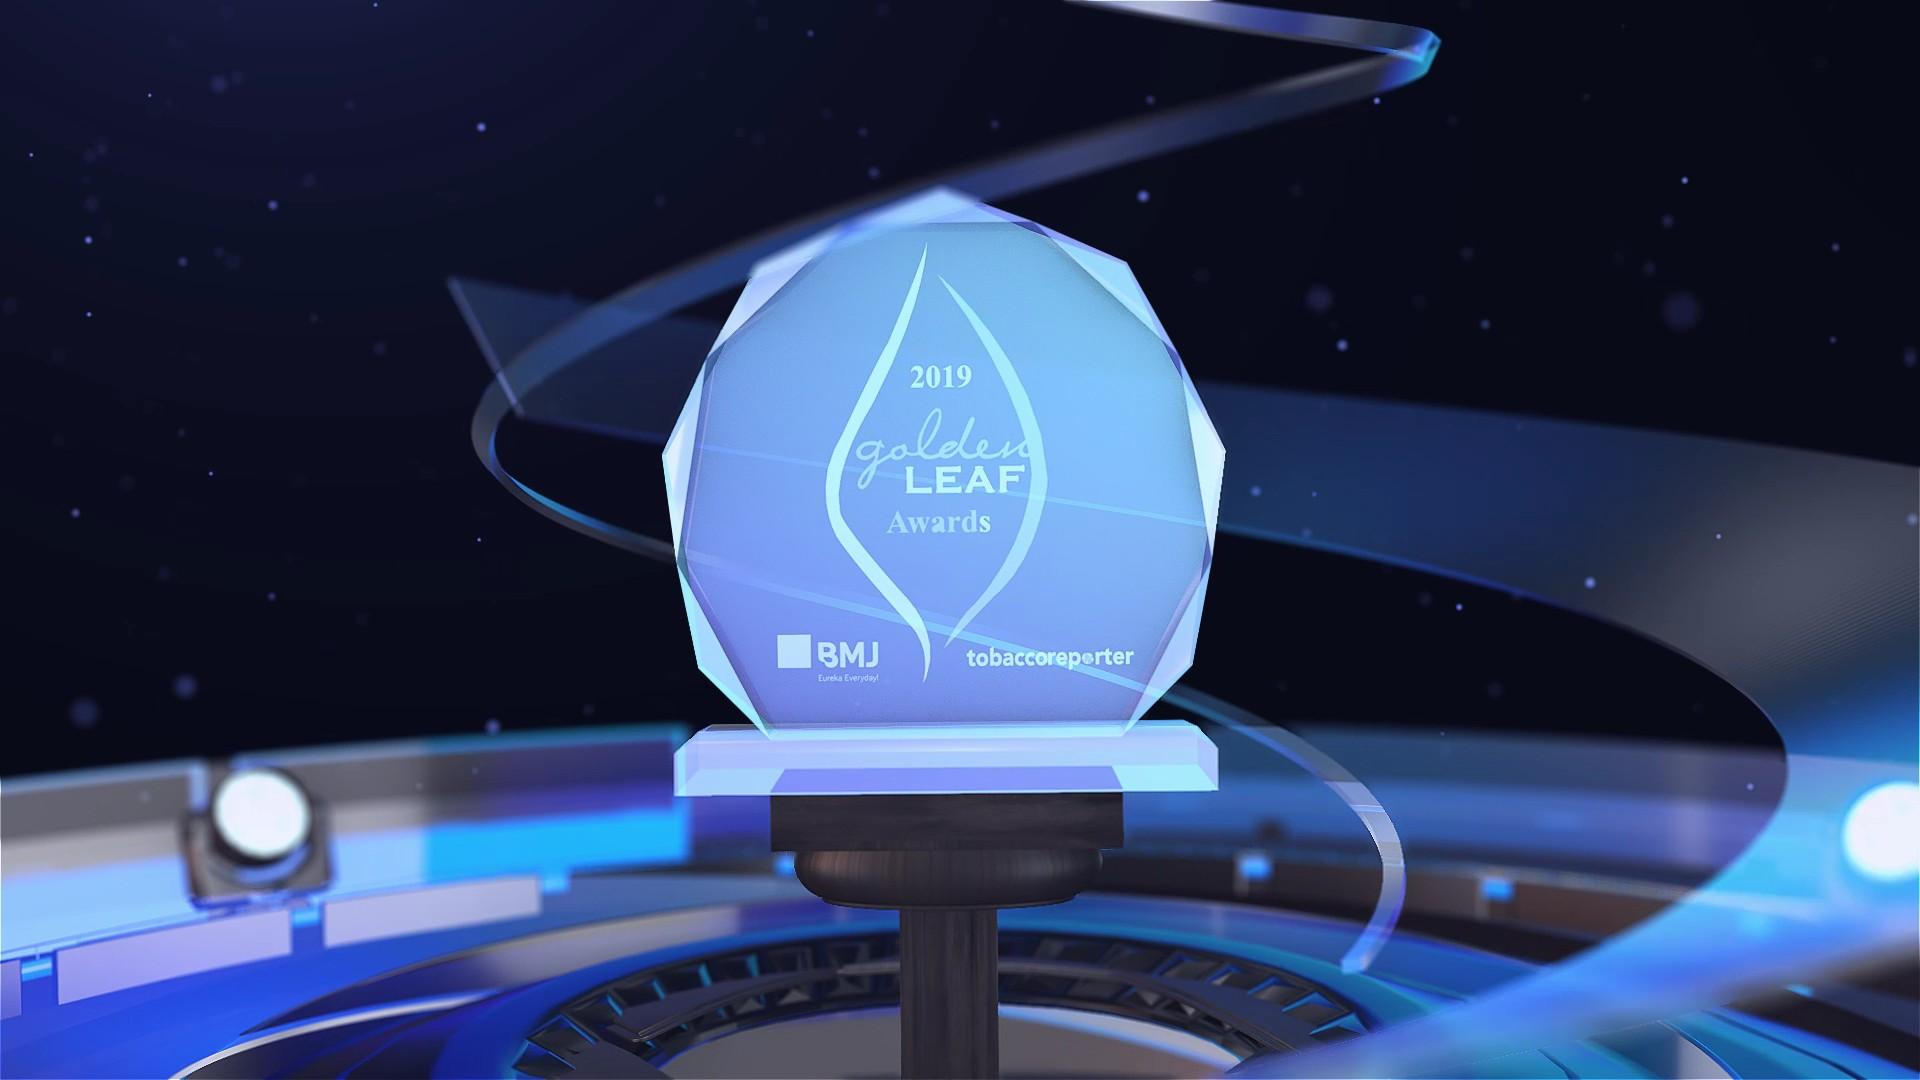 bmj golden leaf awards 2019 in amsterdam